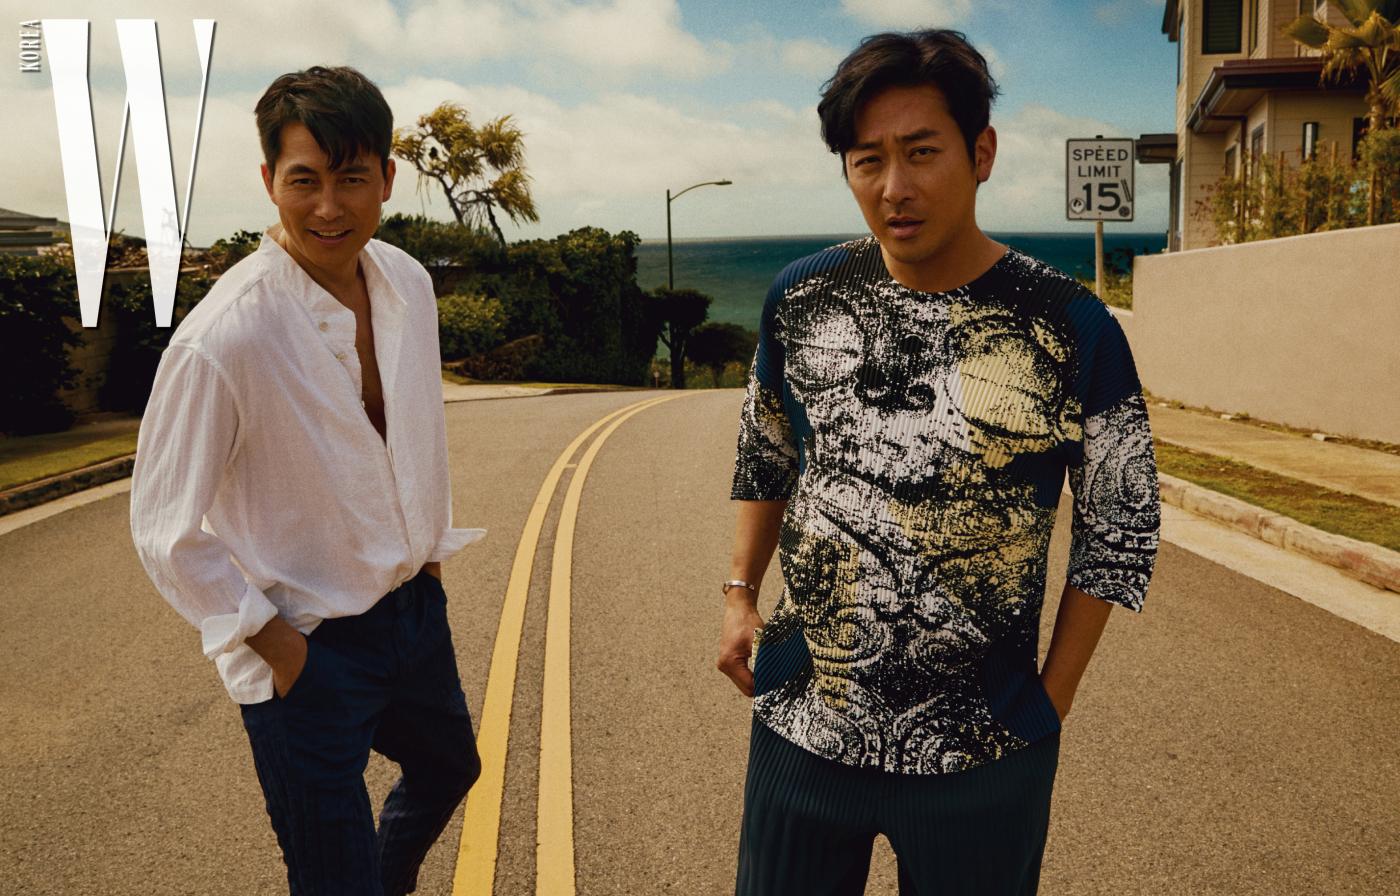 정우성이 입은 셔츠, 팬츠는 Issey Miyake Men, 하정우가 입은 주름 디테일 톱과 팬츠는 Homme Plisse Issey Miyake, 브레이슬릿은 Unipair 제품 .